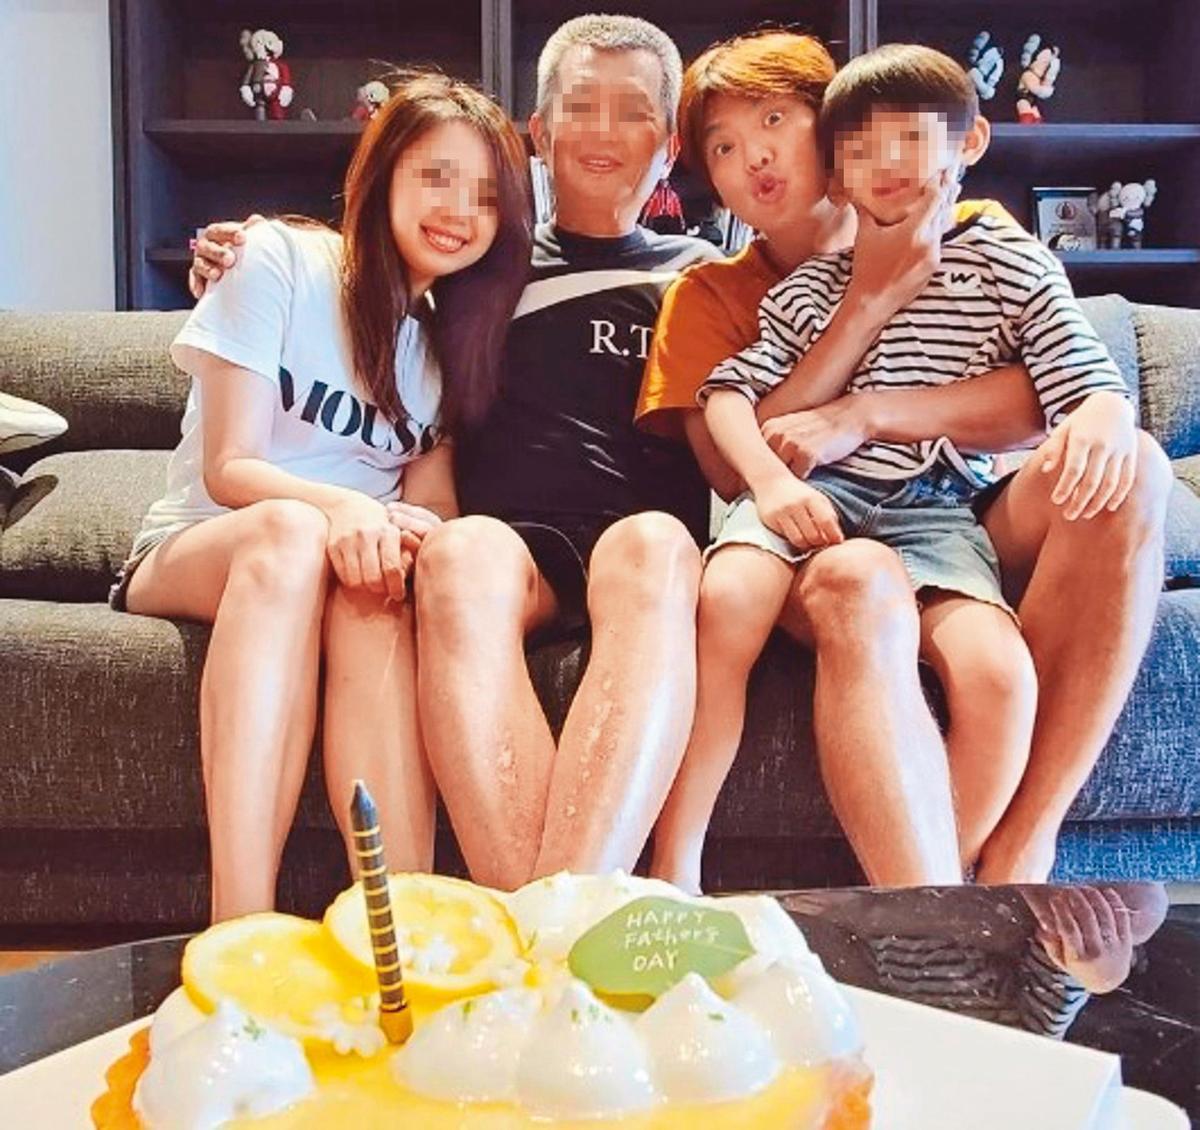 小鬼(右2)去年驟然離世,妹妹po出一家人為父親慶生的全家福悼念他。(翻攝自teen520 IG)